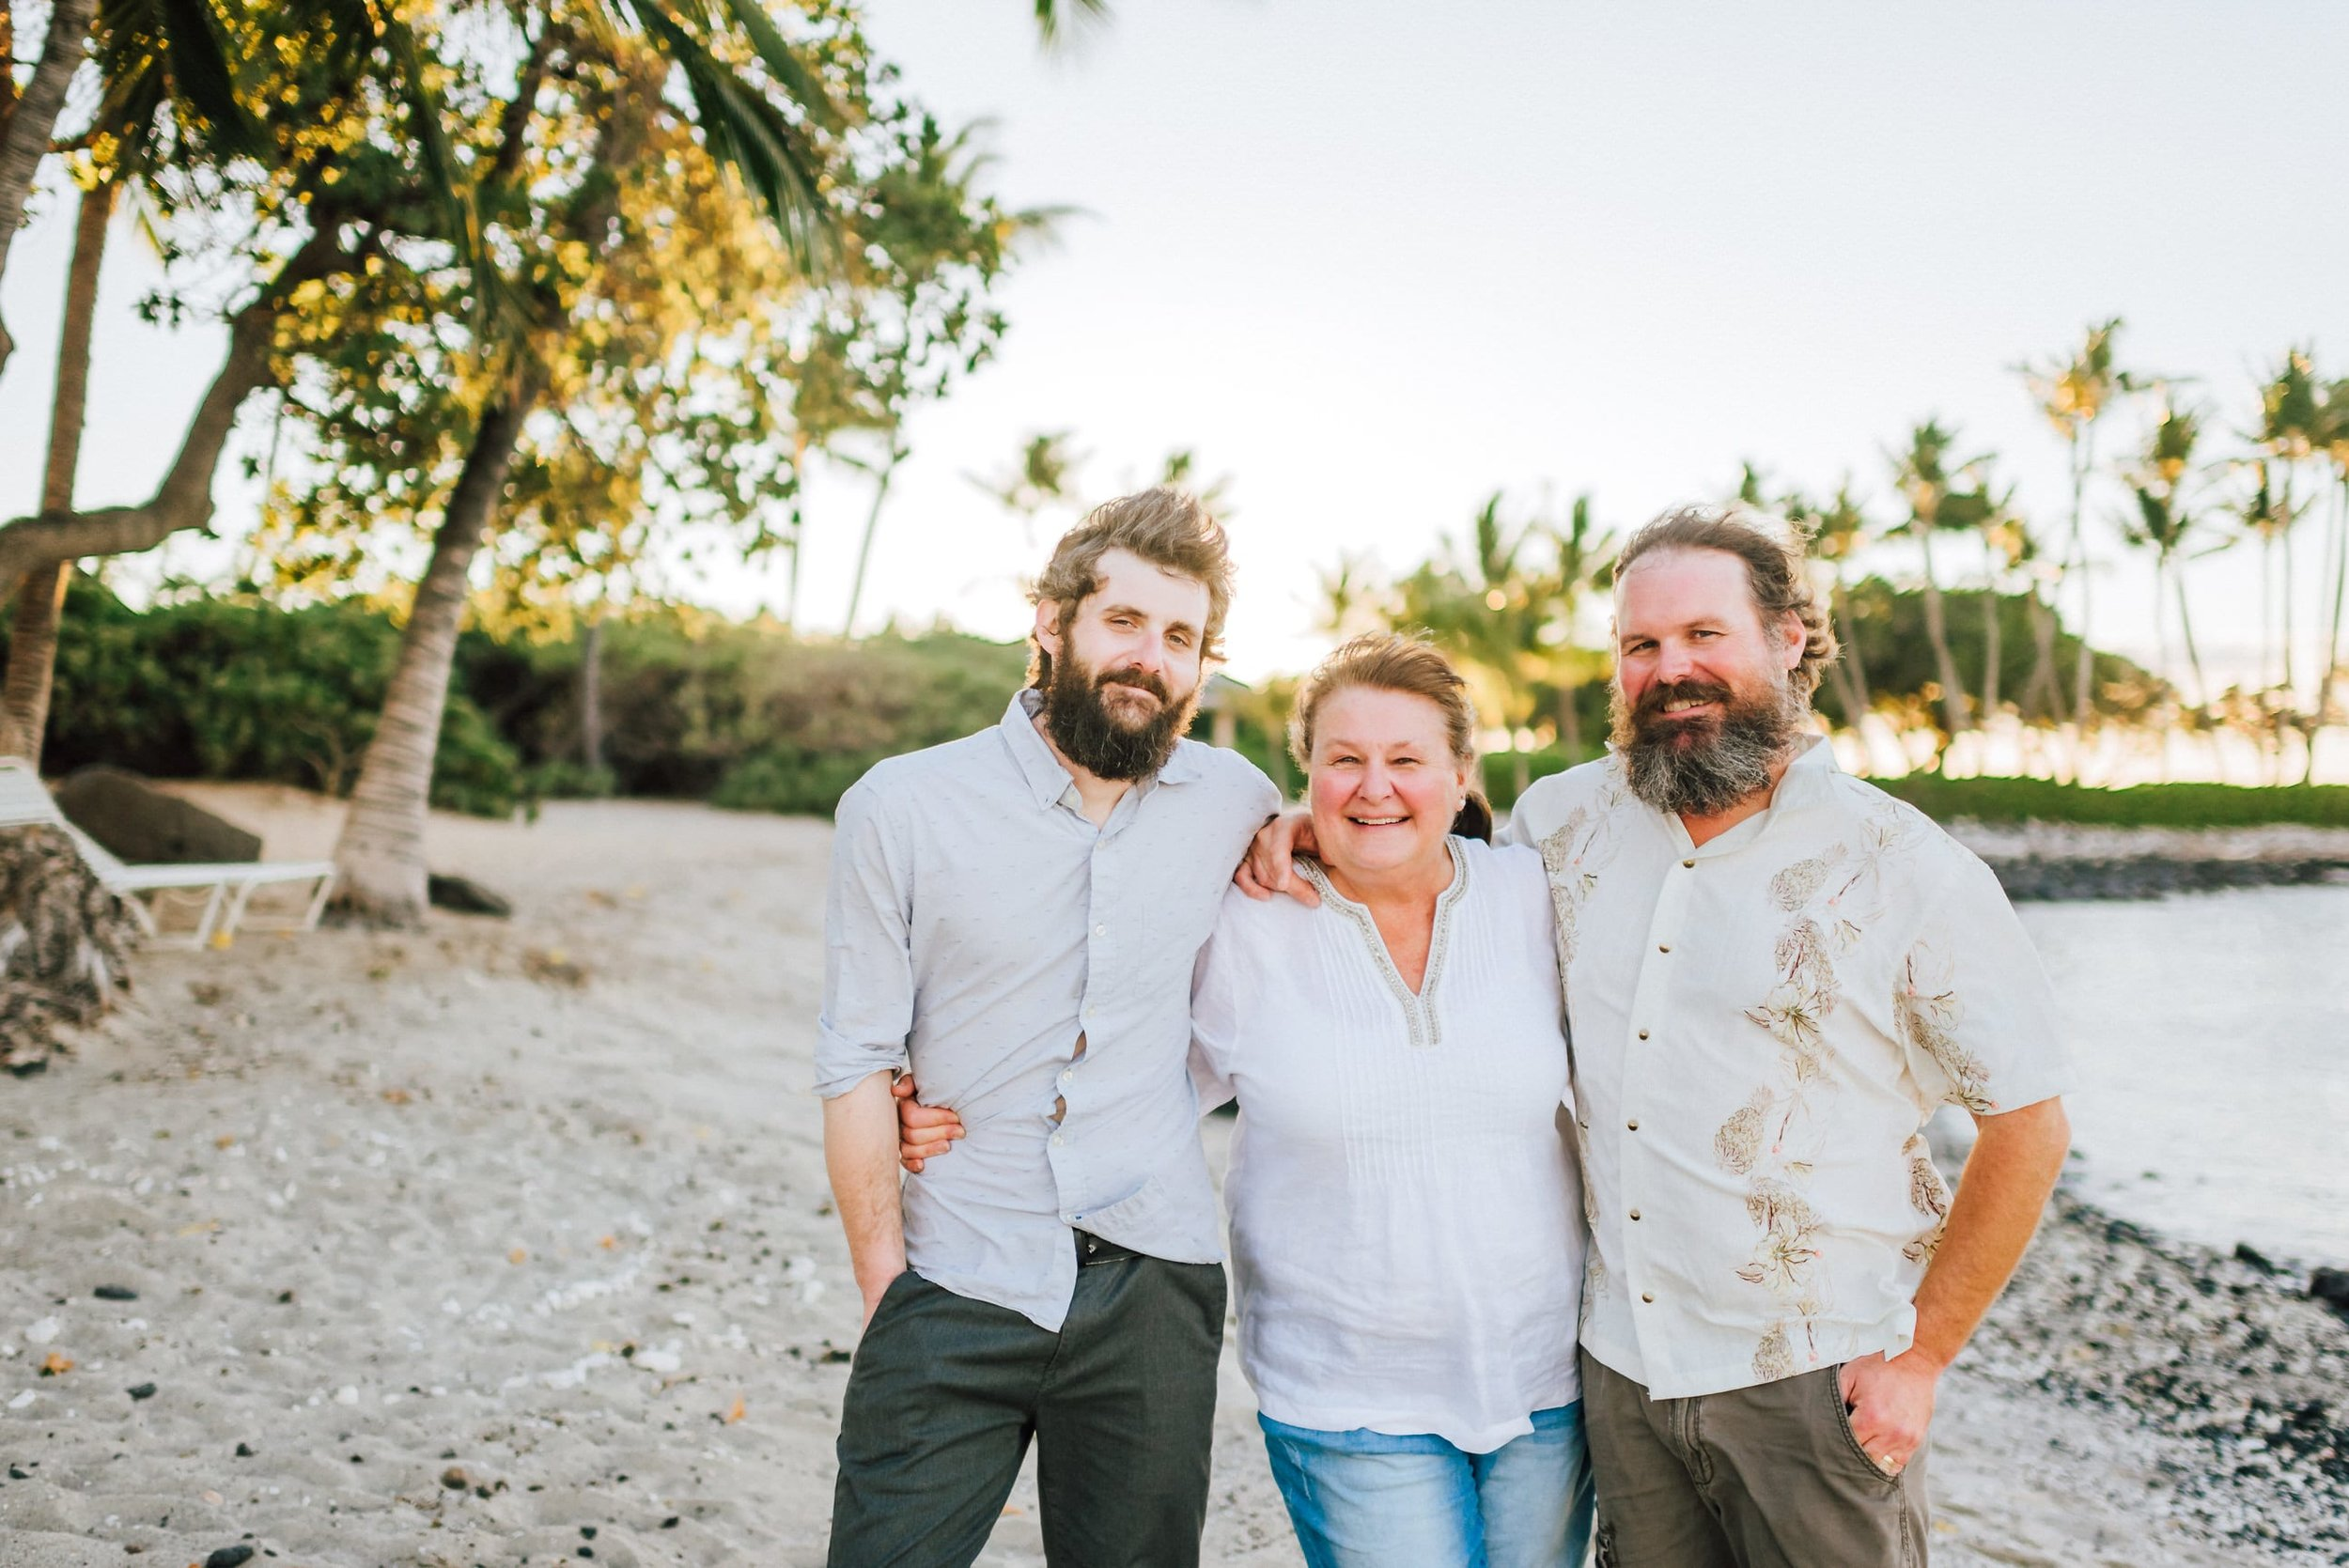 Hawaii-Family-Photographer-18.jpg